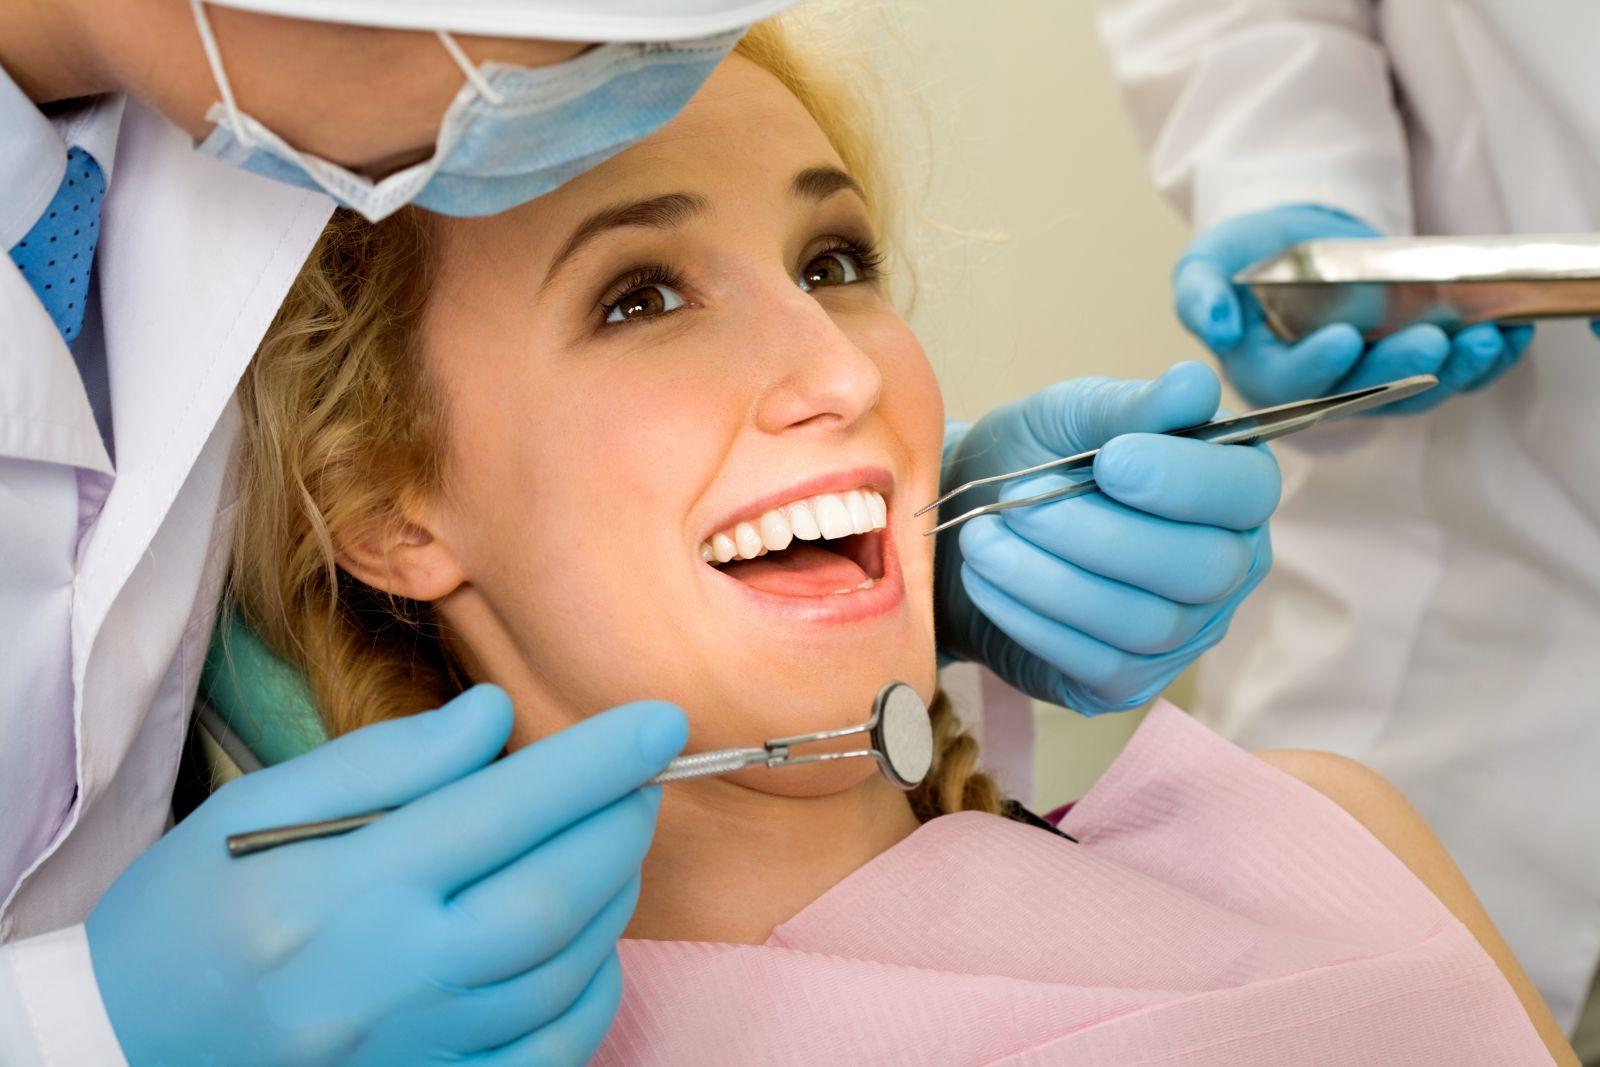 Cách đơn giản giúp răng miệng sạch, thơm